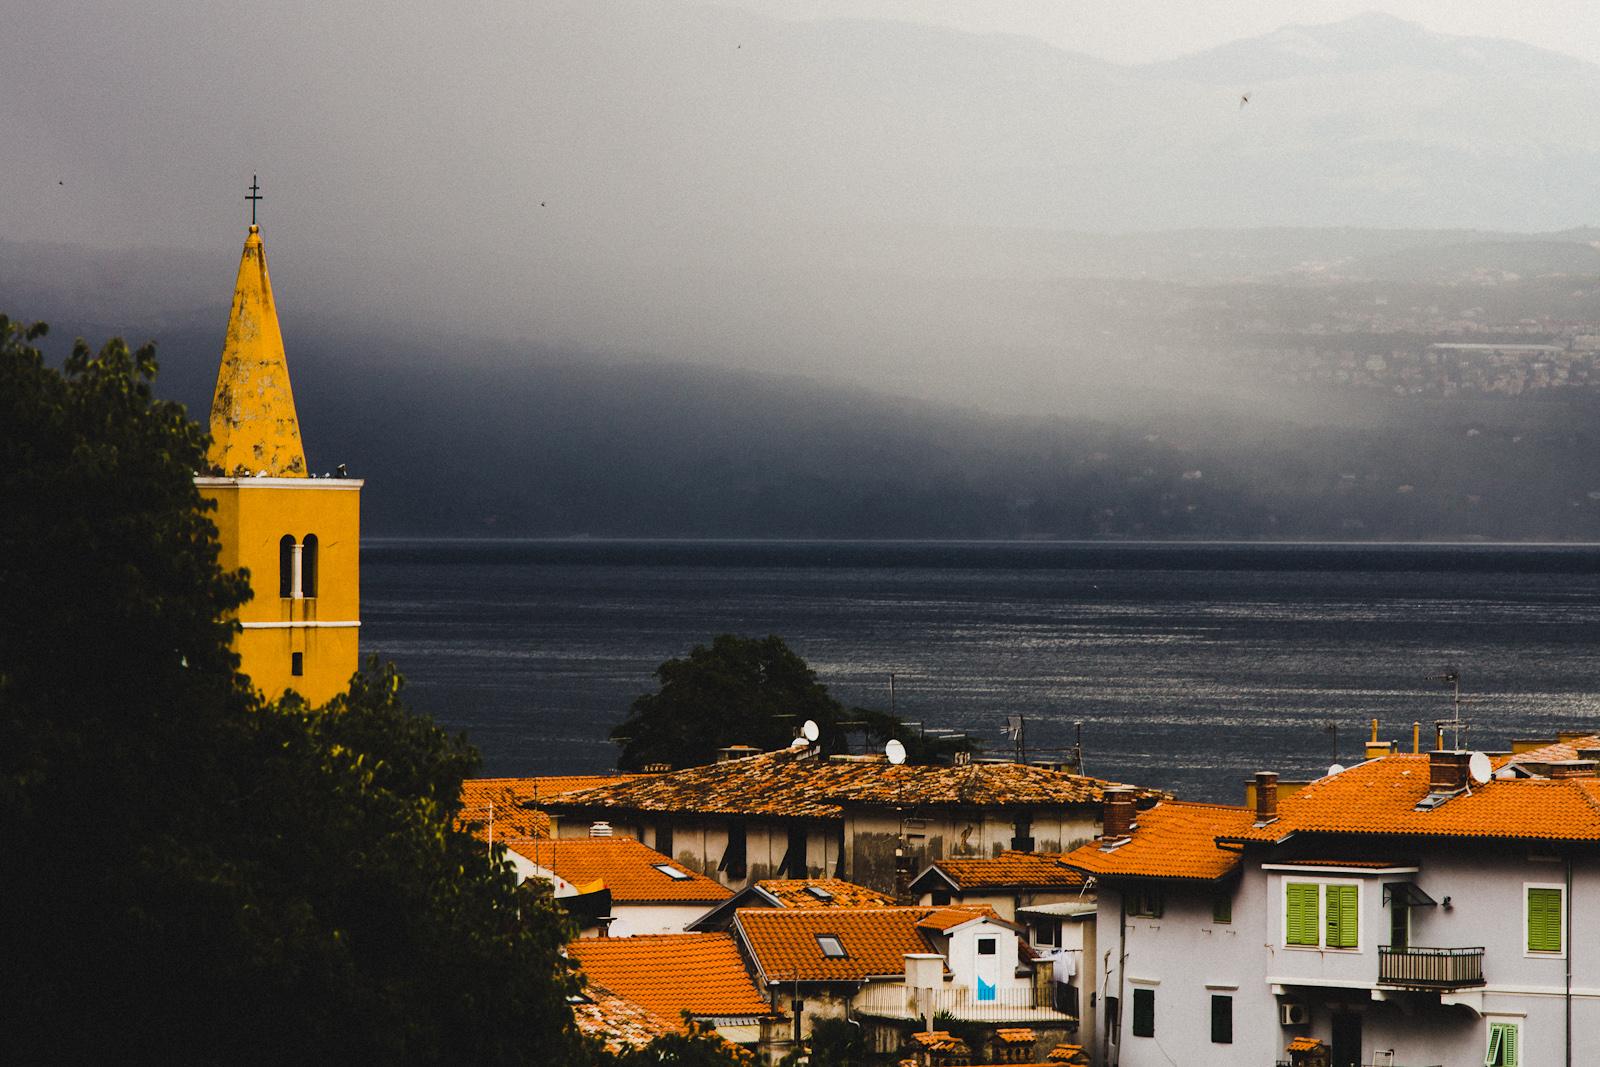 Miasto w deszczu. Krajobraz Chorwacji. fot. Łukasz Cyrus